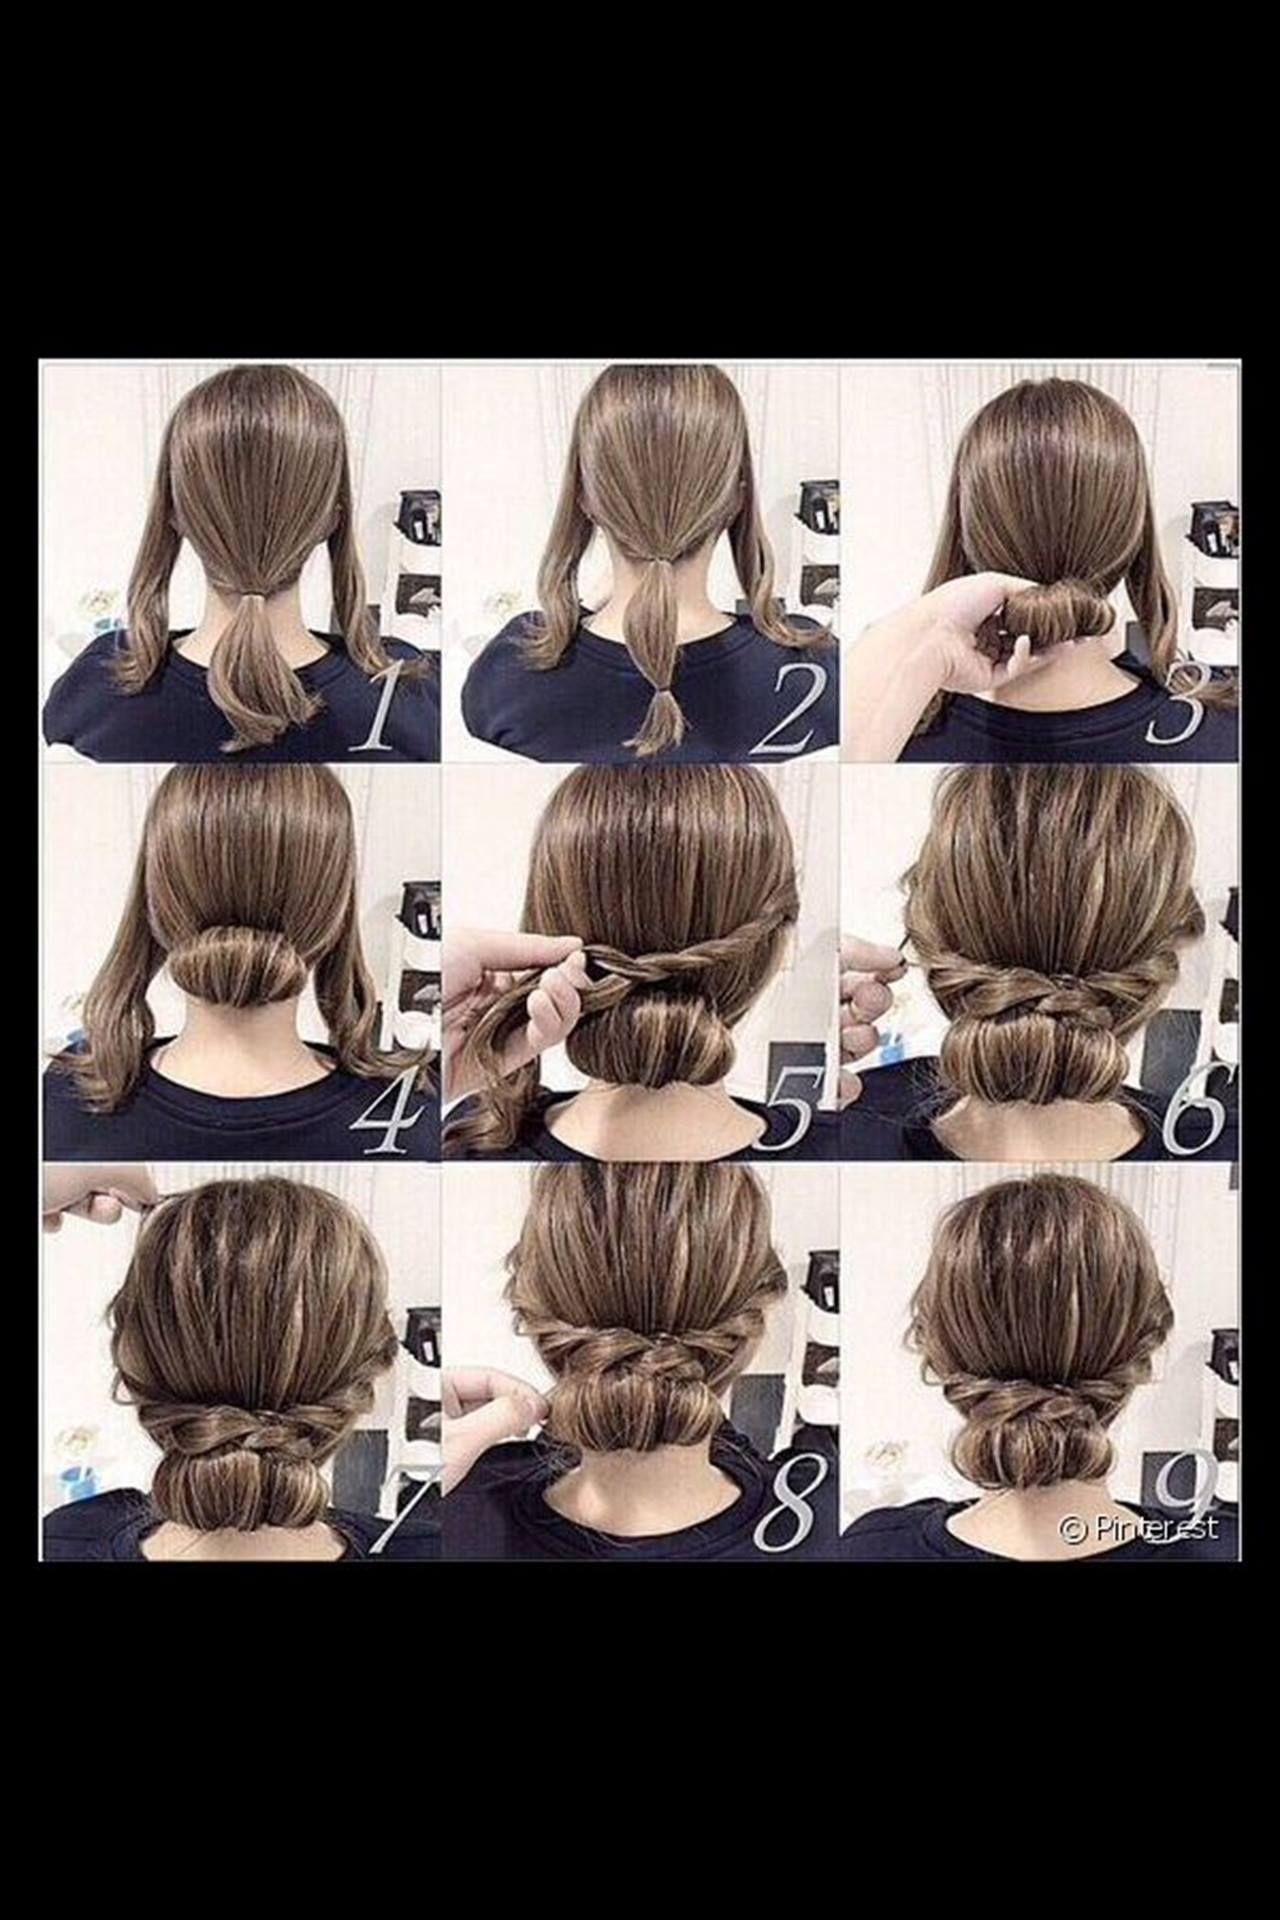 Peinado Recogido Facil Y Elegante Para Chicas De Todas Las Edades Hacer Recogidos Nun Peinados Con Pelo Recogido Peinados Elegantes Faciles Peinados Recogidos